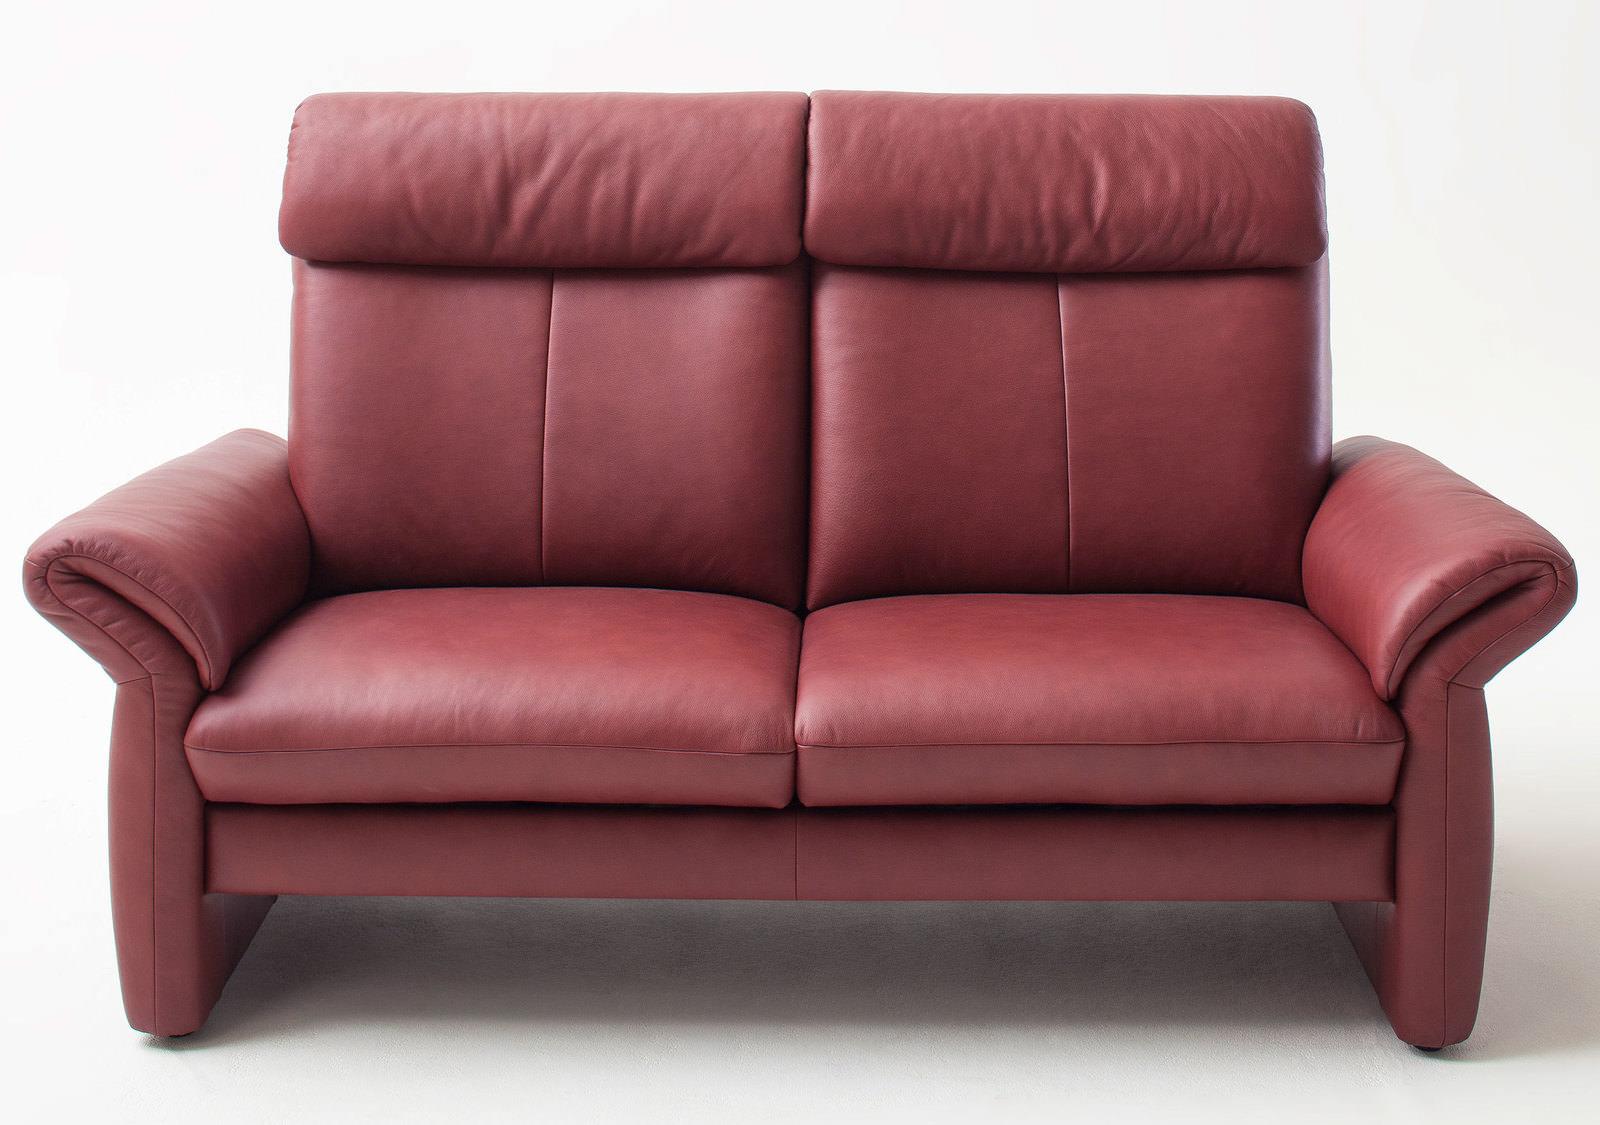 Mondo 3 Sitzer Sofa Online Entdecken Knuffmann Ihr Möbelhaus